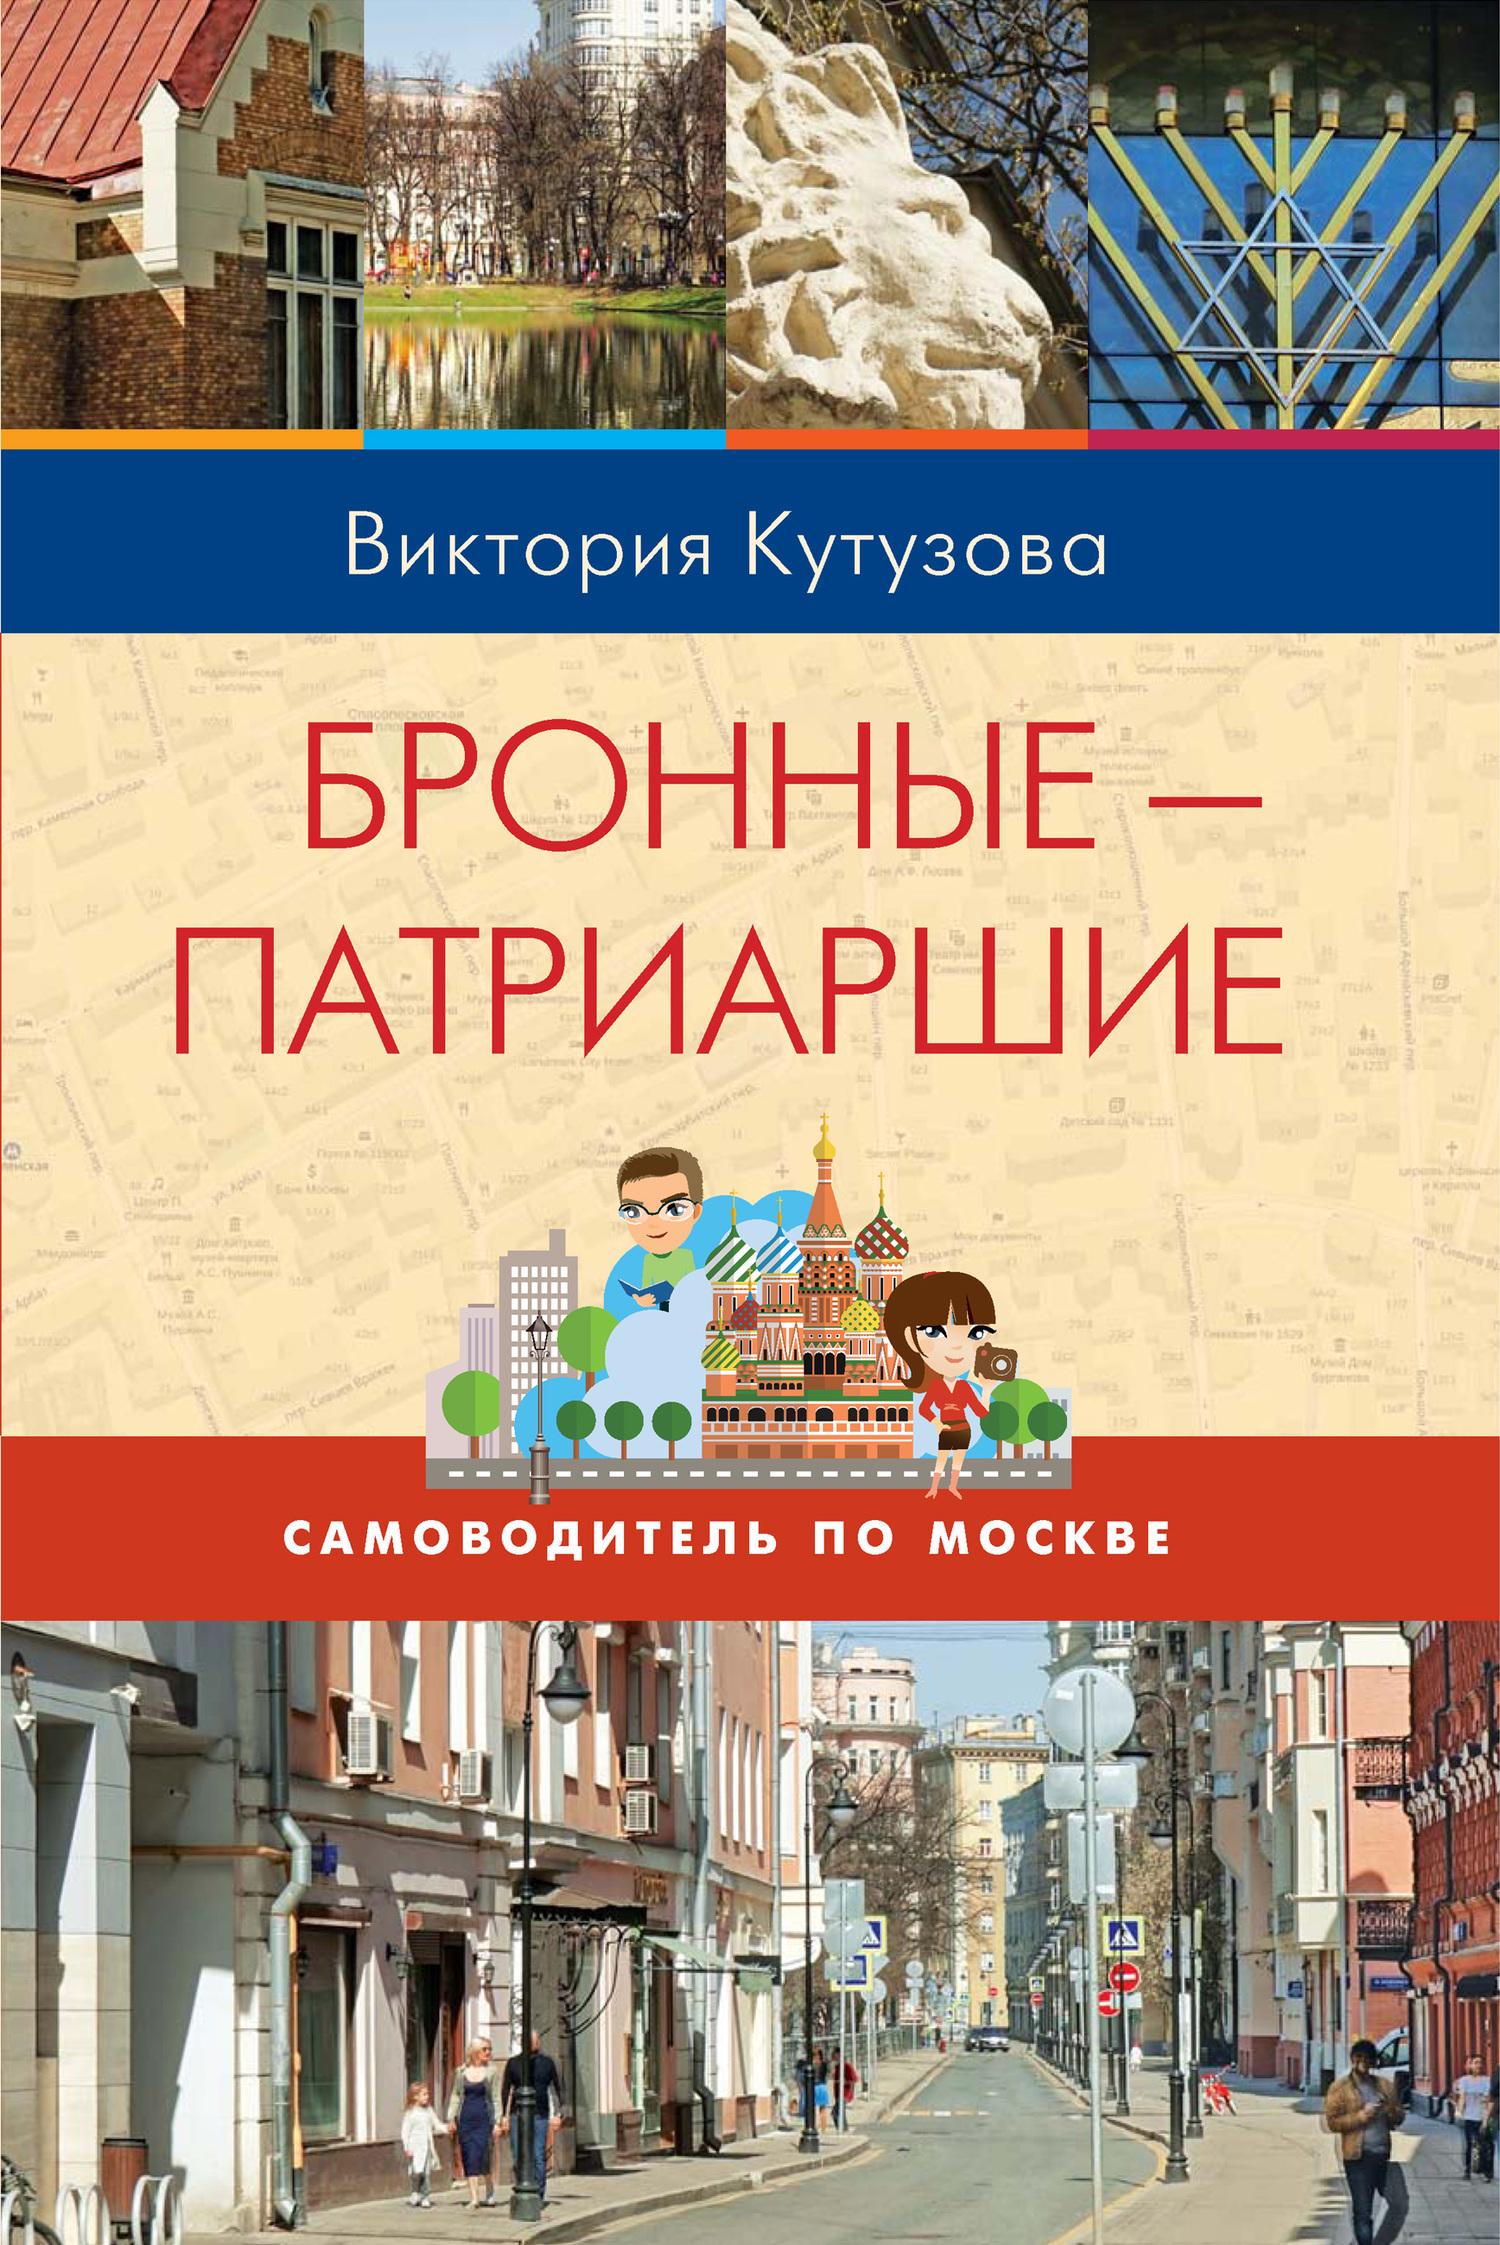 Виктория Кутузова - Самоводитель по Москве. Маршрут: Бронные – Патриаршие